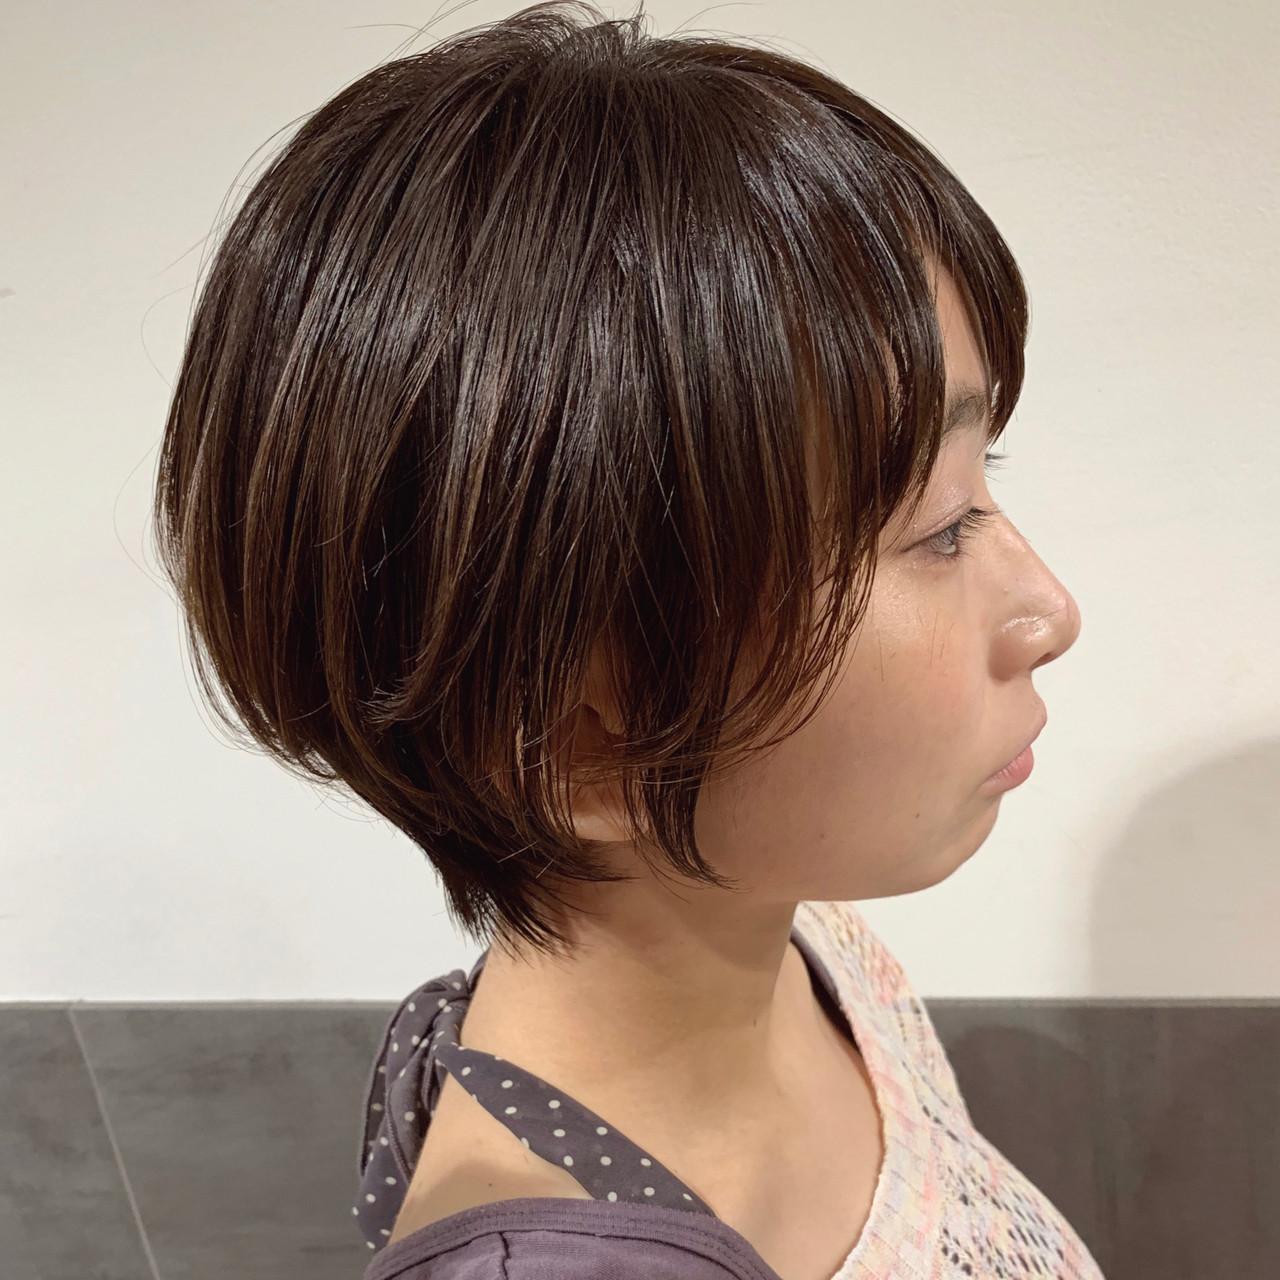 ショート ナチュラル ショートヘア ハンサムショート ヘアスタイルや髪型の写真・画像 | オカモト ナツキ/ショートヘア / Neolive susu